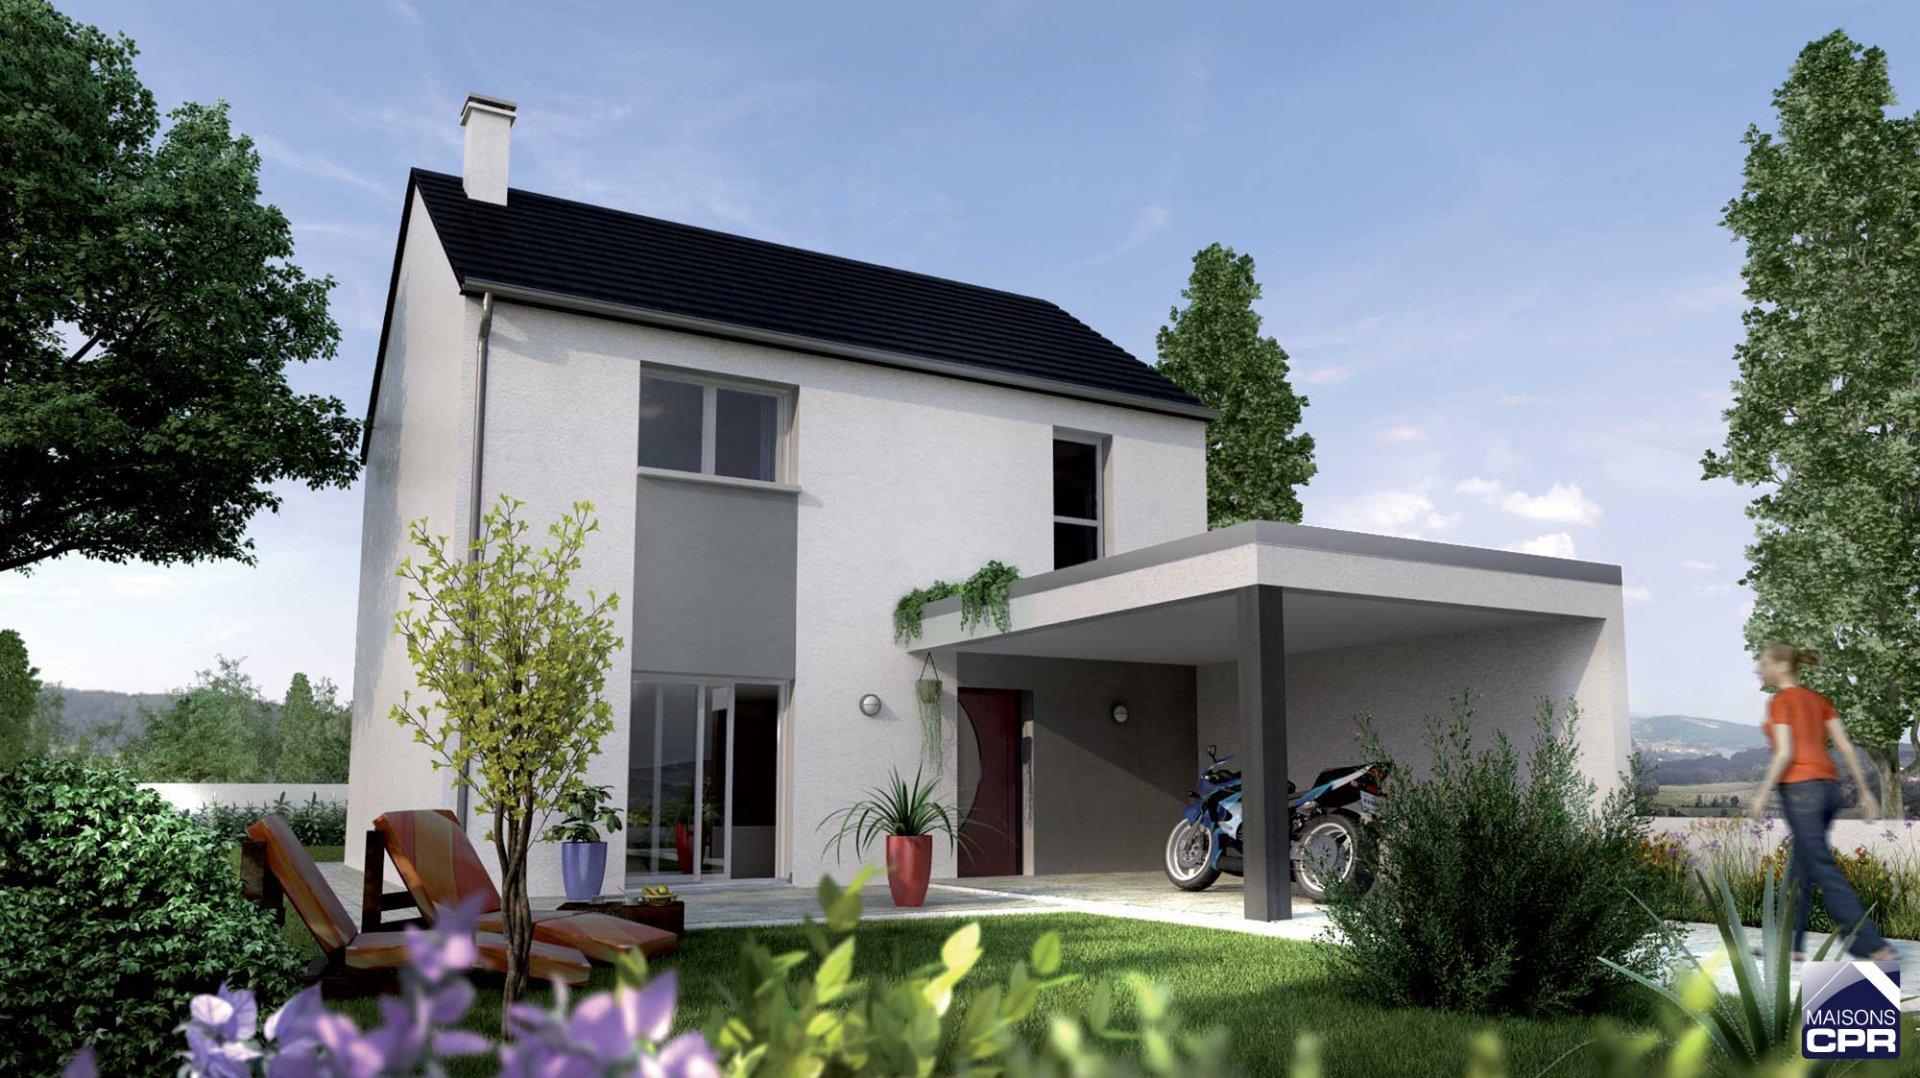 Maisons du constructeur MAISONS CPR • 89 m² • NOTRE DAME D'OE